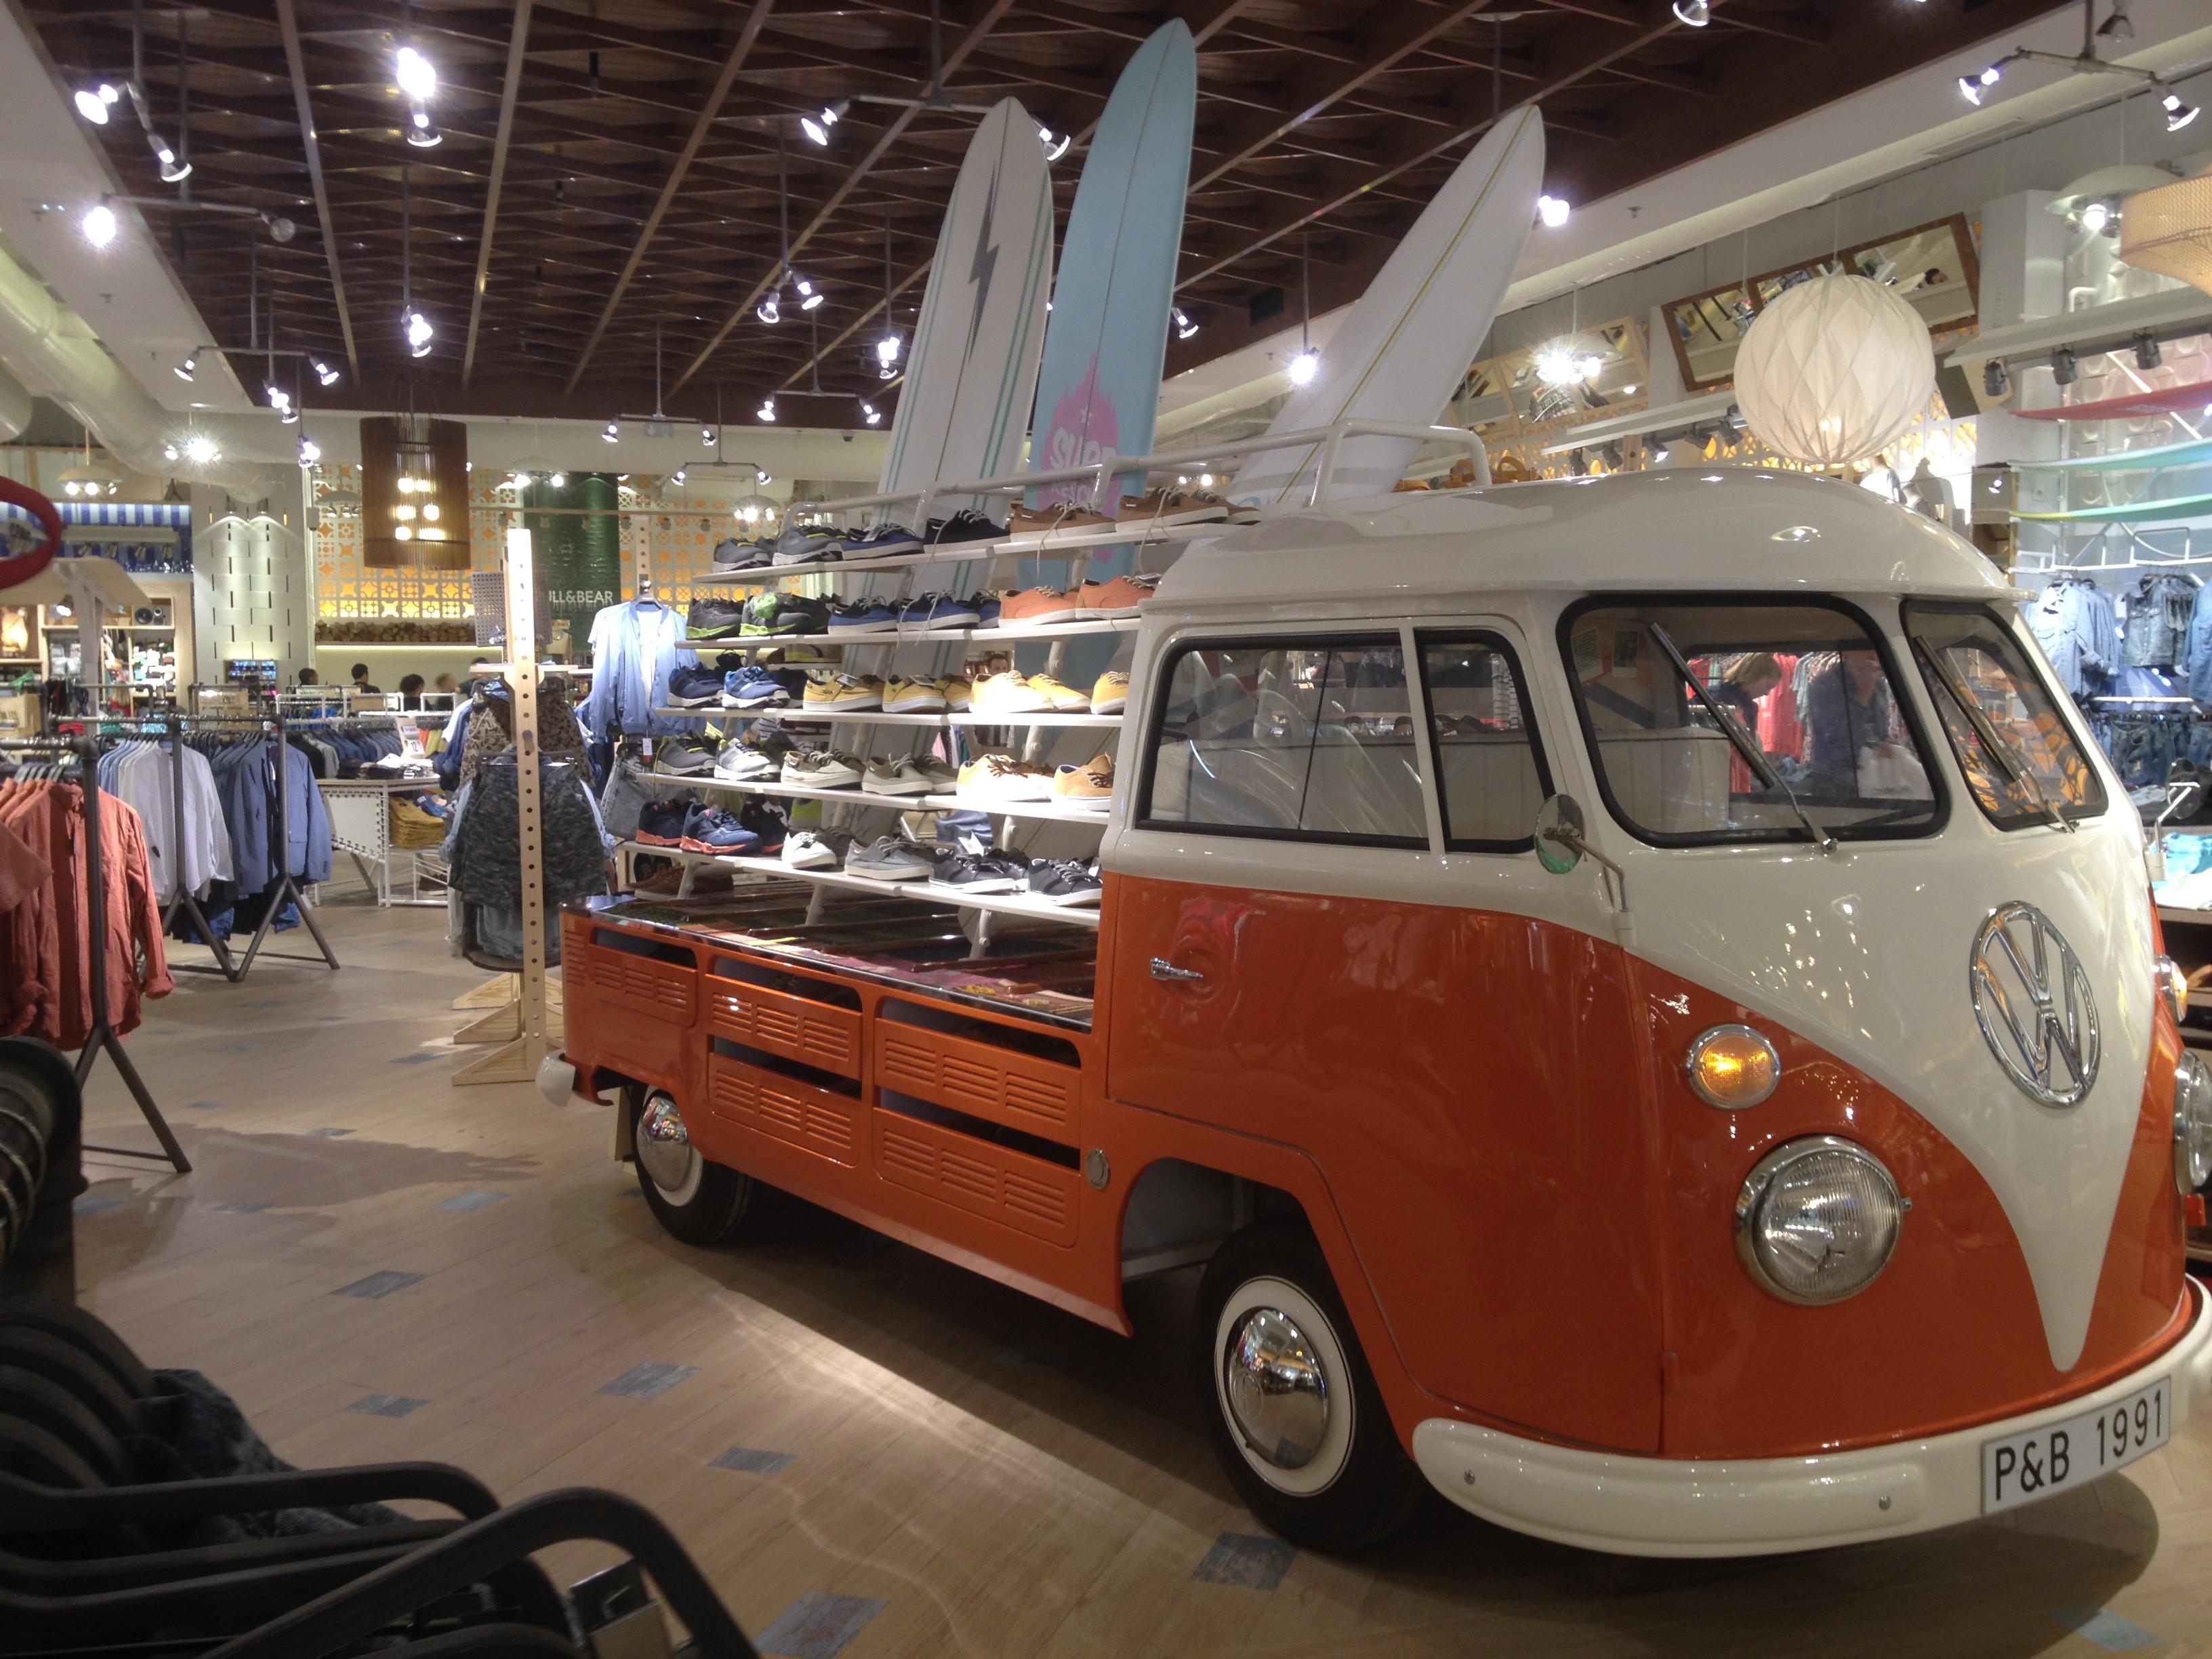 Agencement de magasin la clef de la r ussite ouvrir une entrepriseouvri - Magasin deco vintage ...